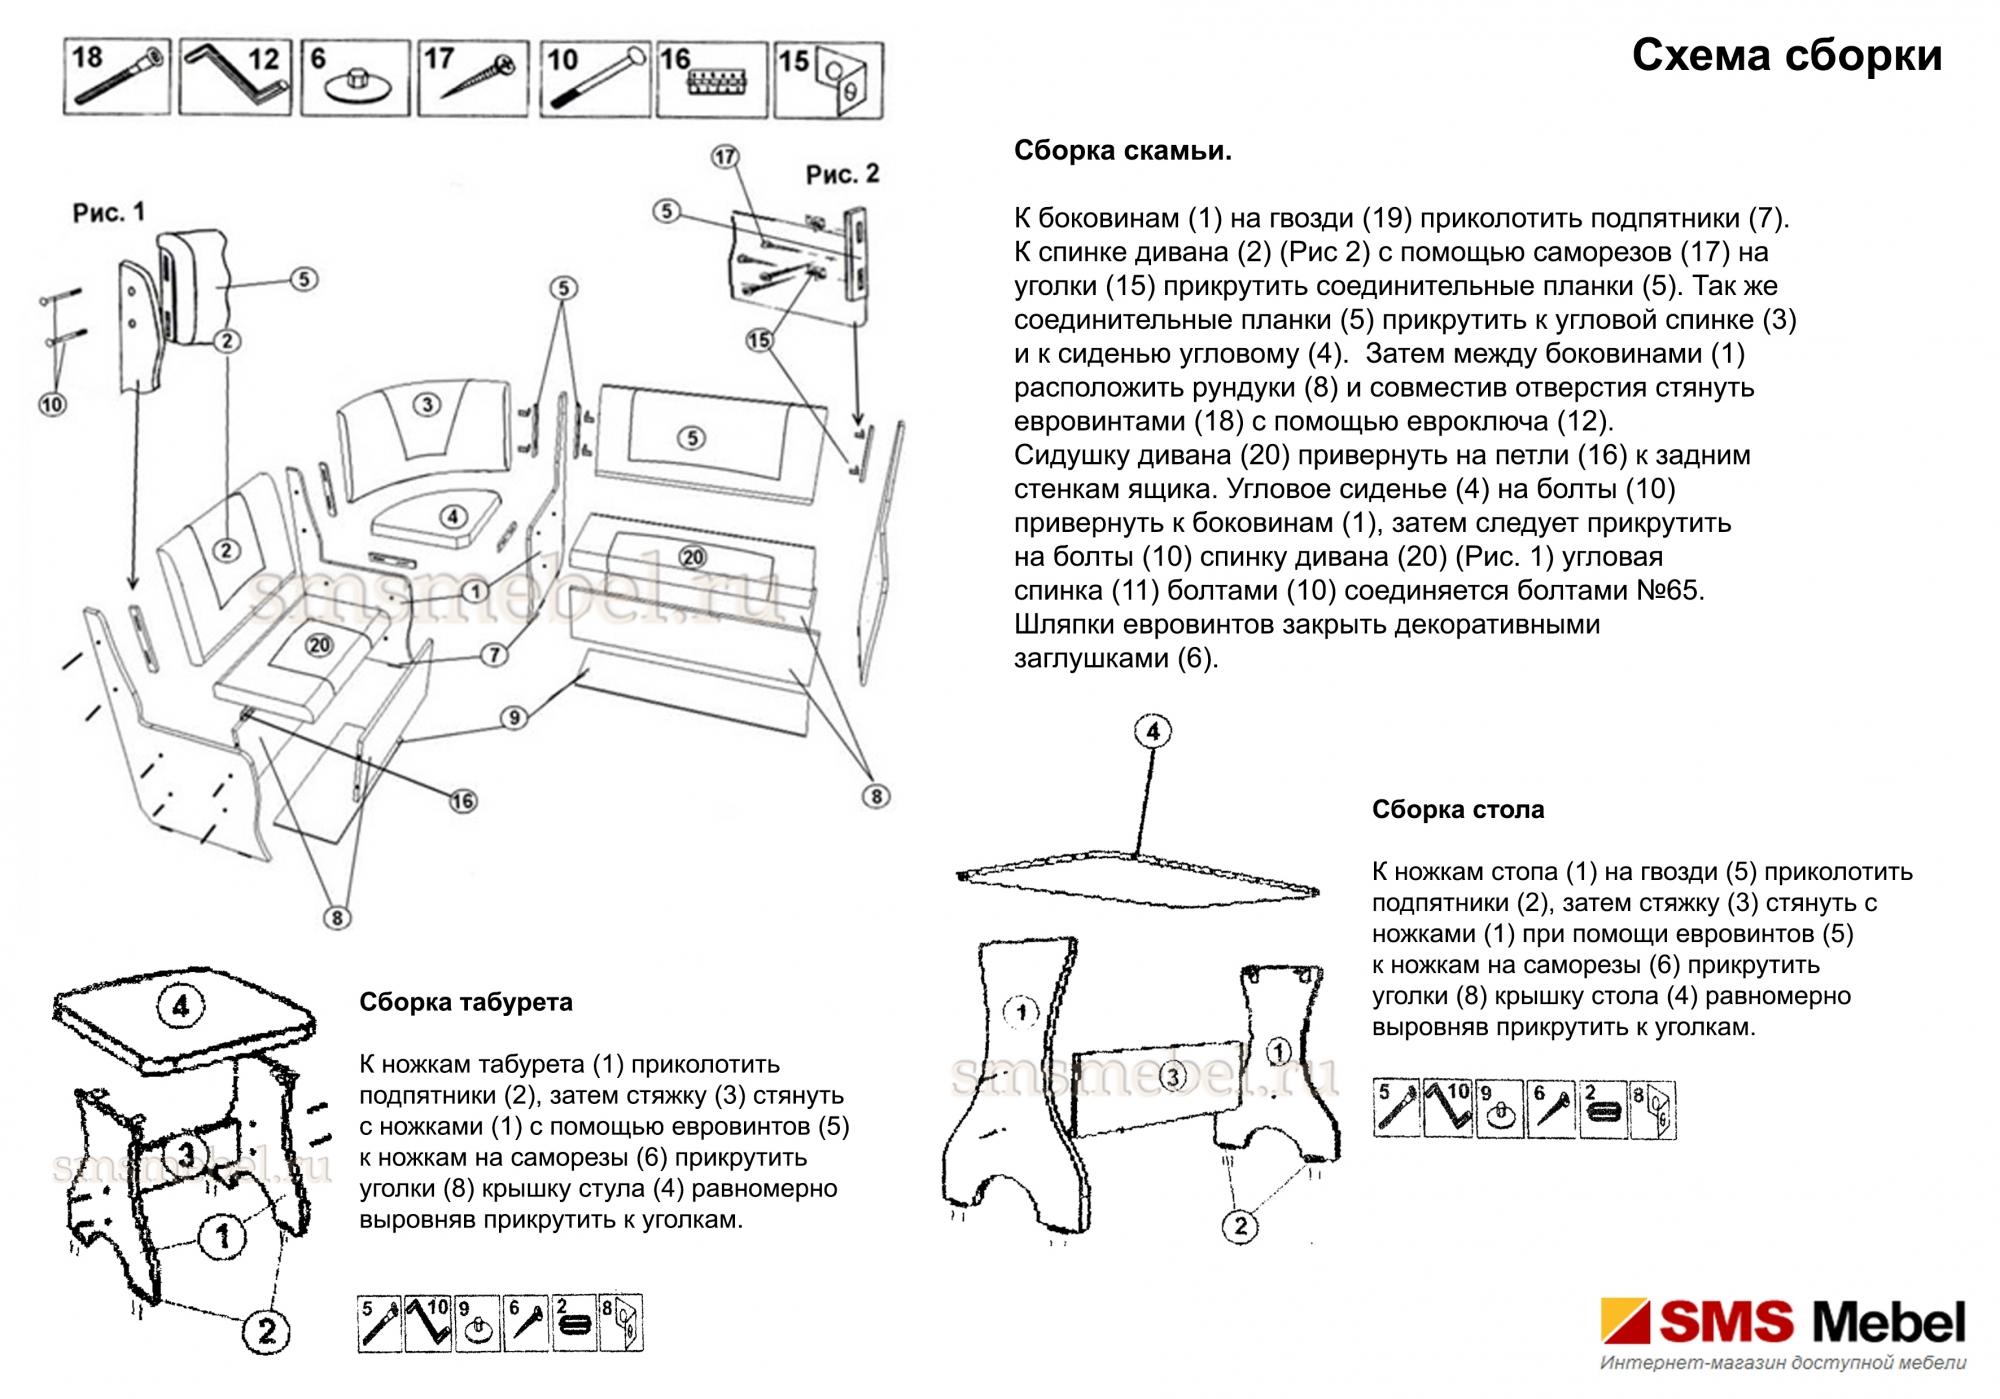 инструкция сборки скамьи кухонного уголка весна